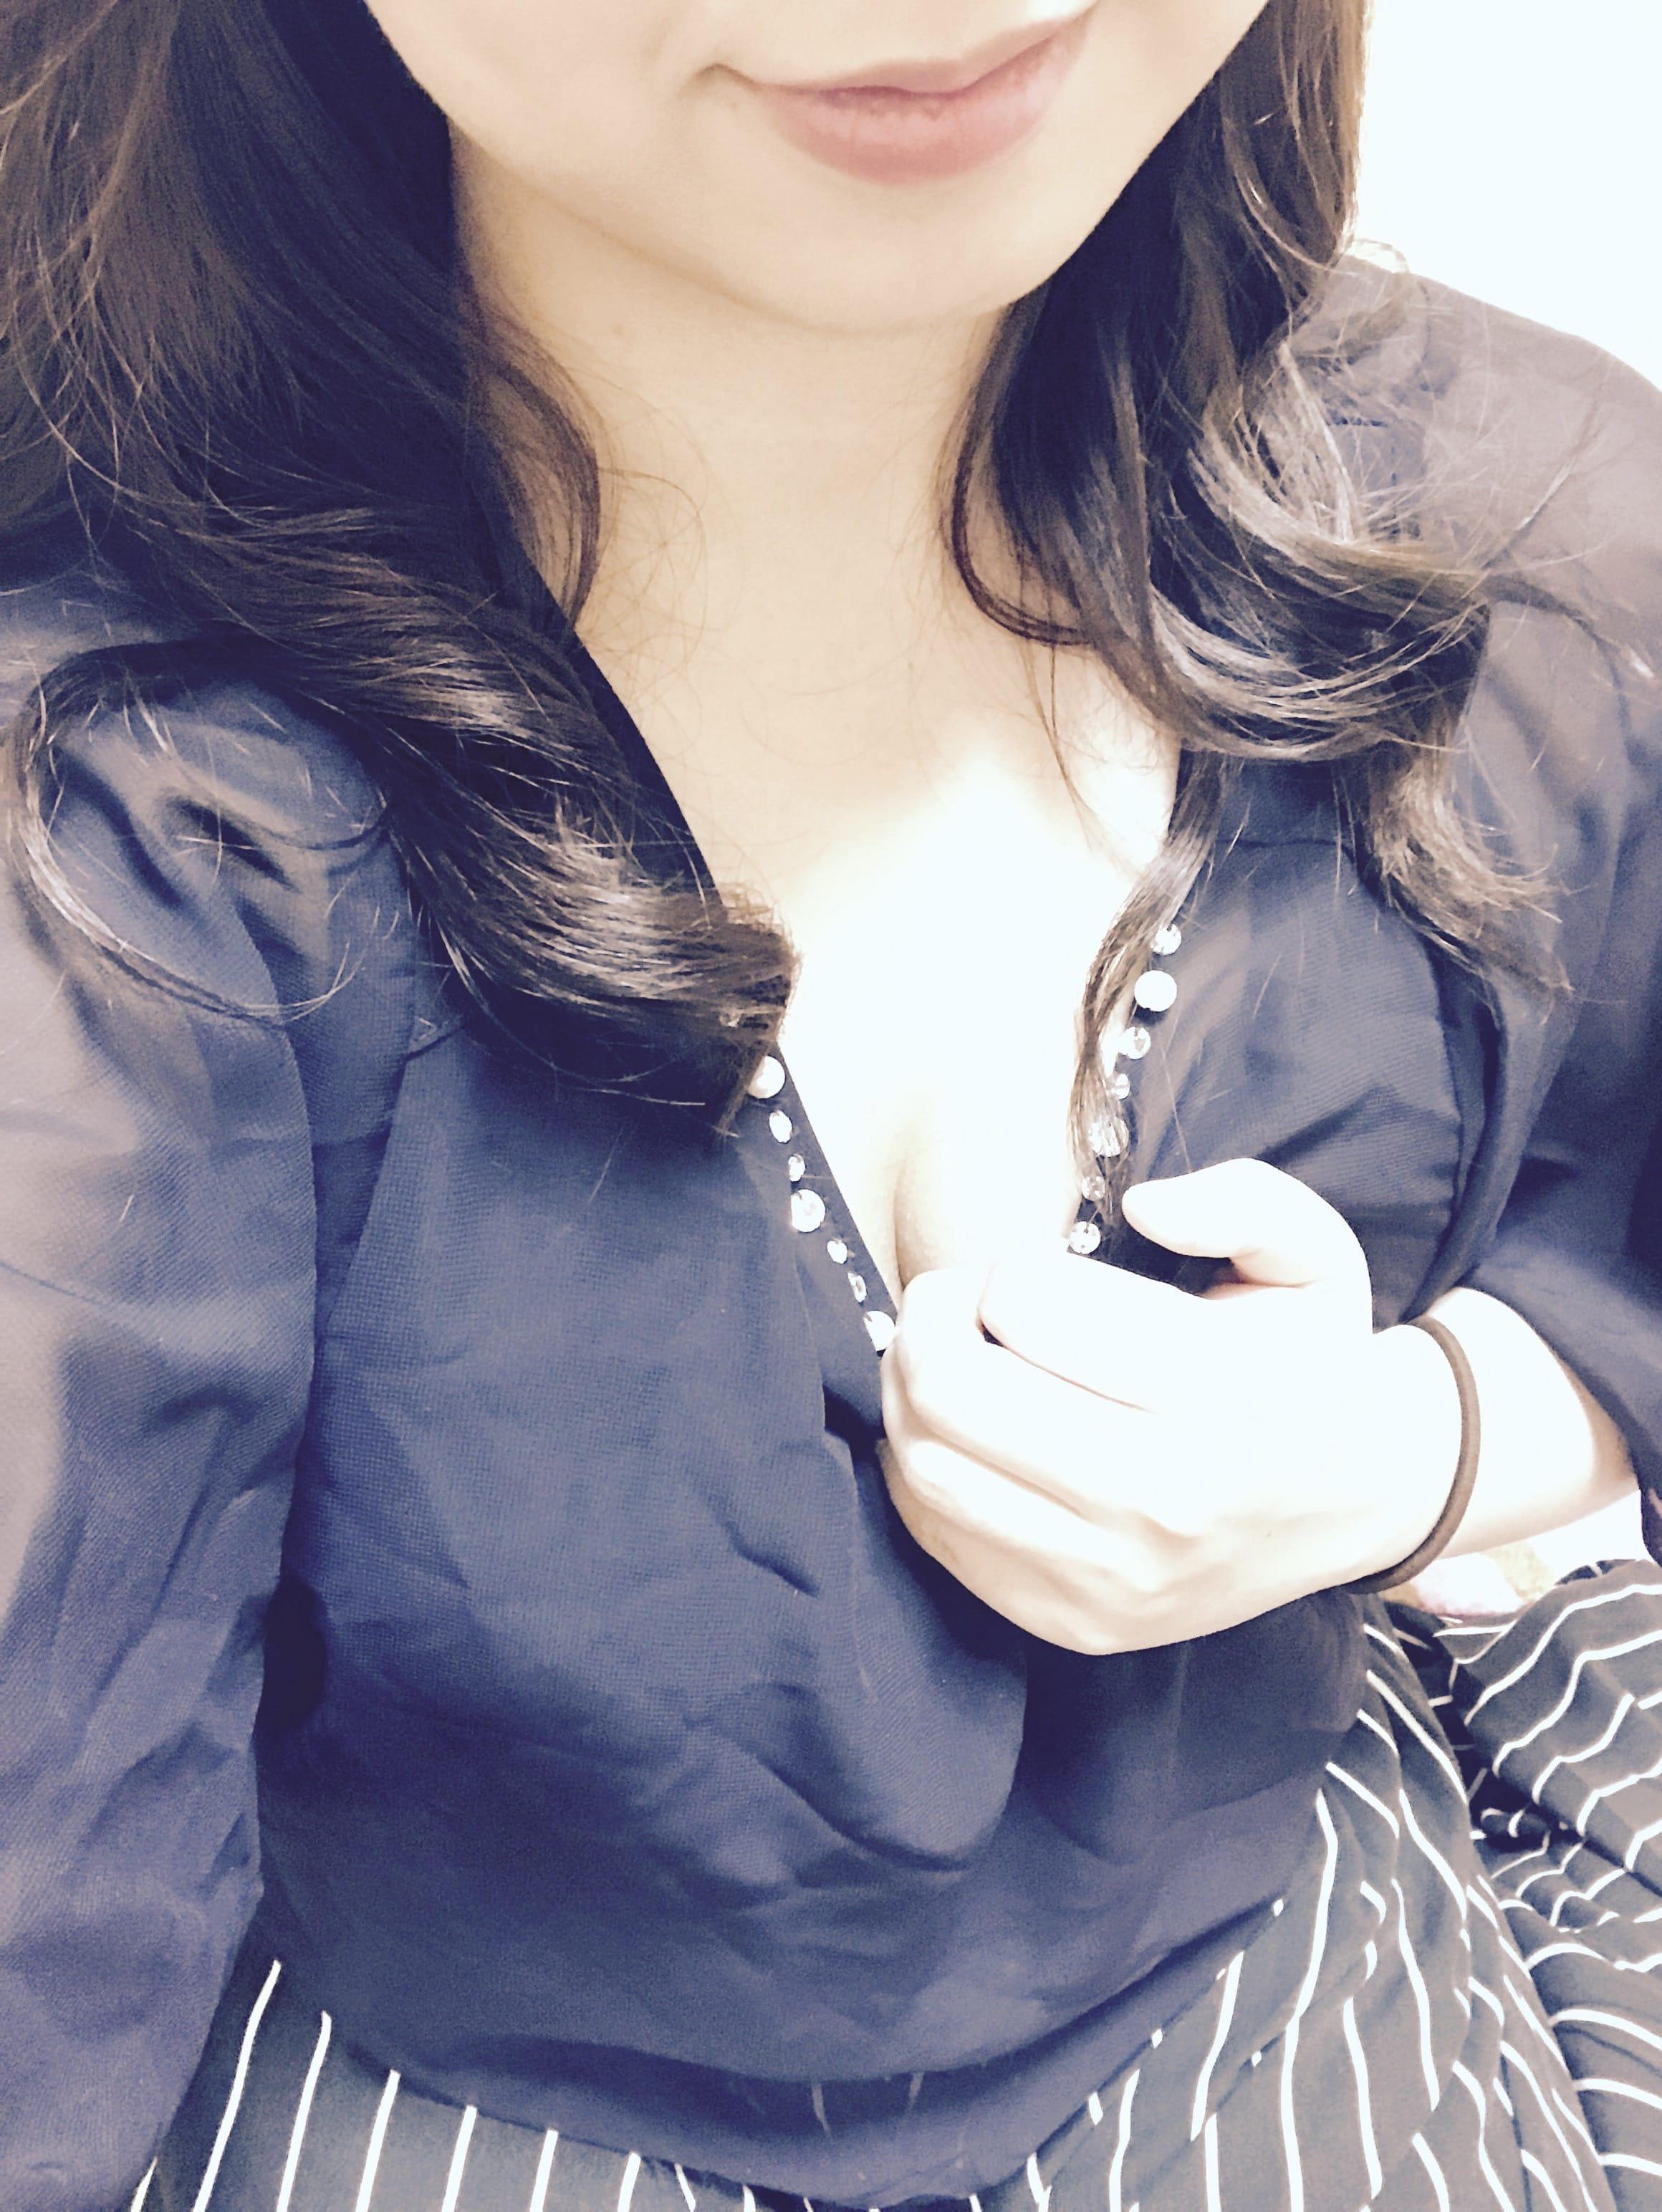 「出勤します☆」06/29(06/29) 22:34 | みほの写メ・風俗動画